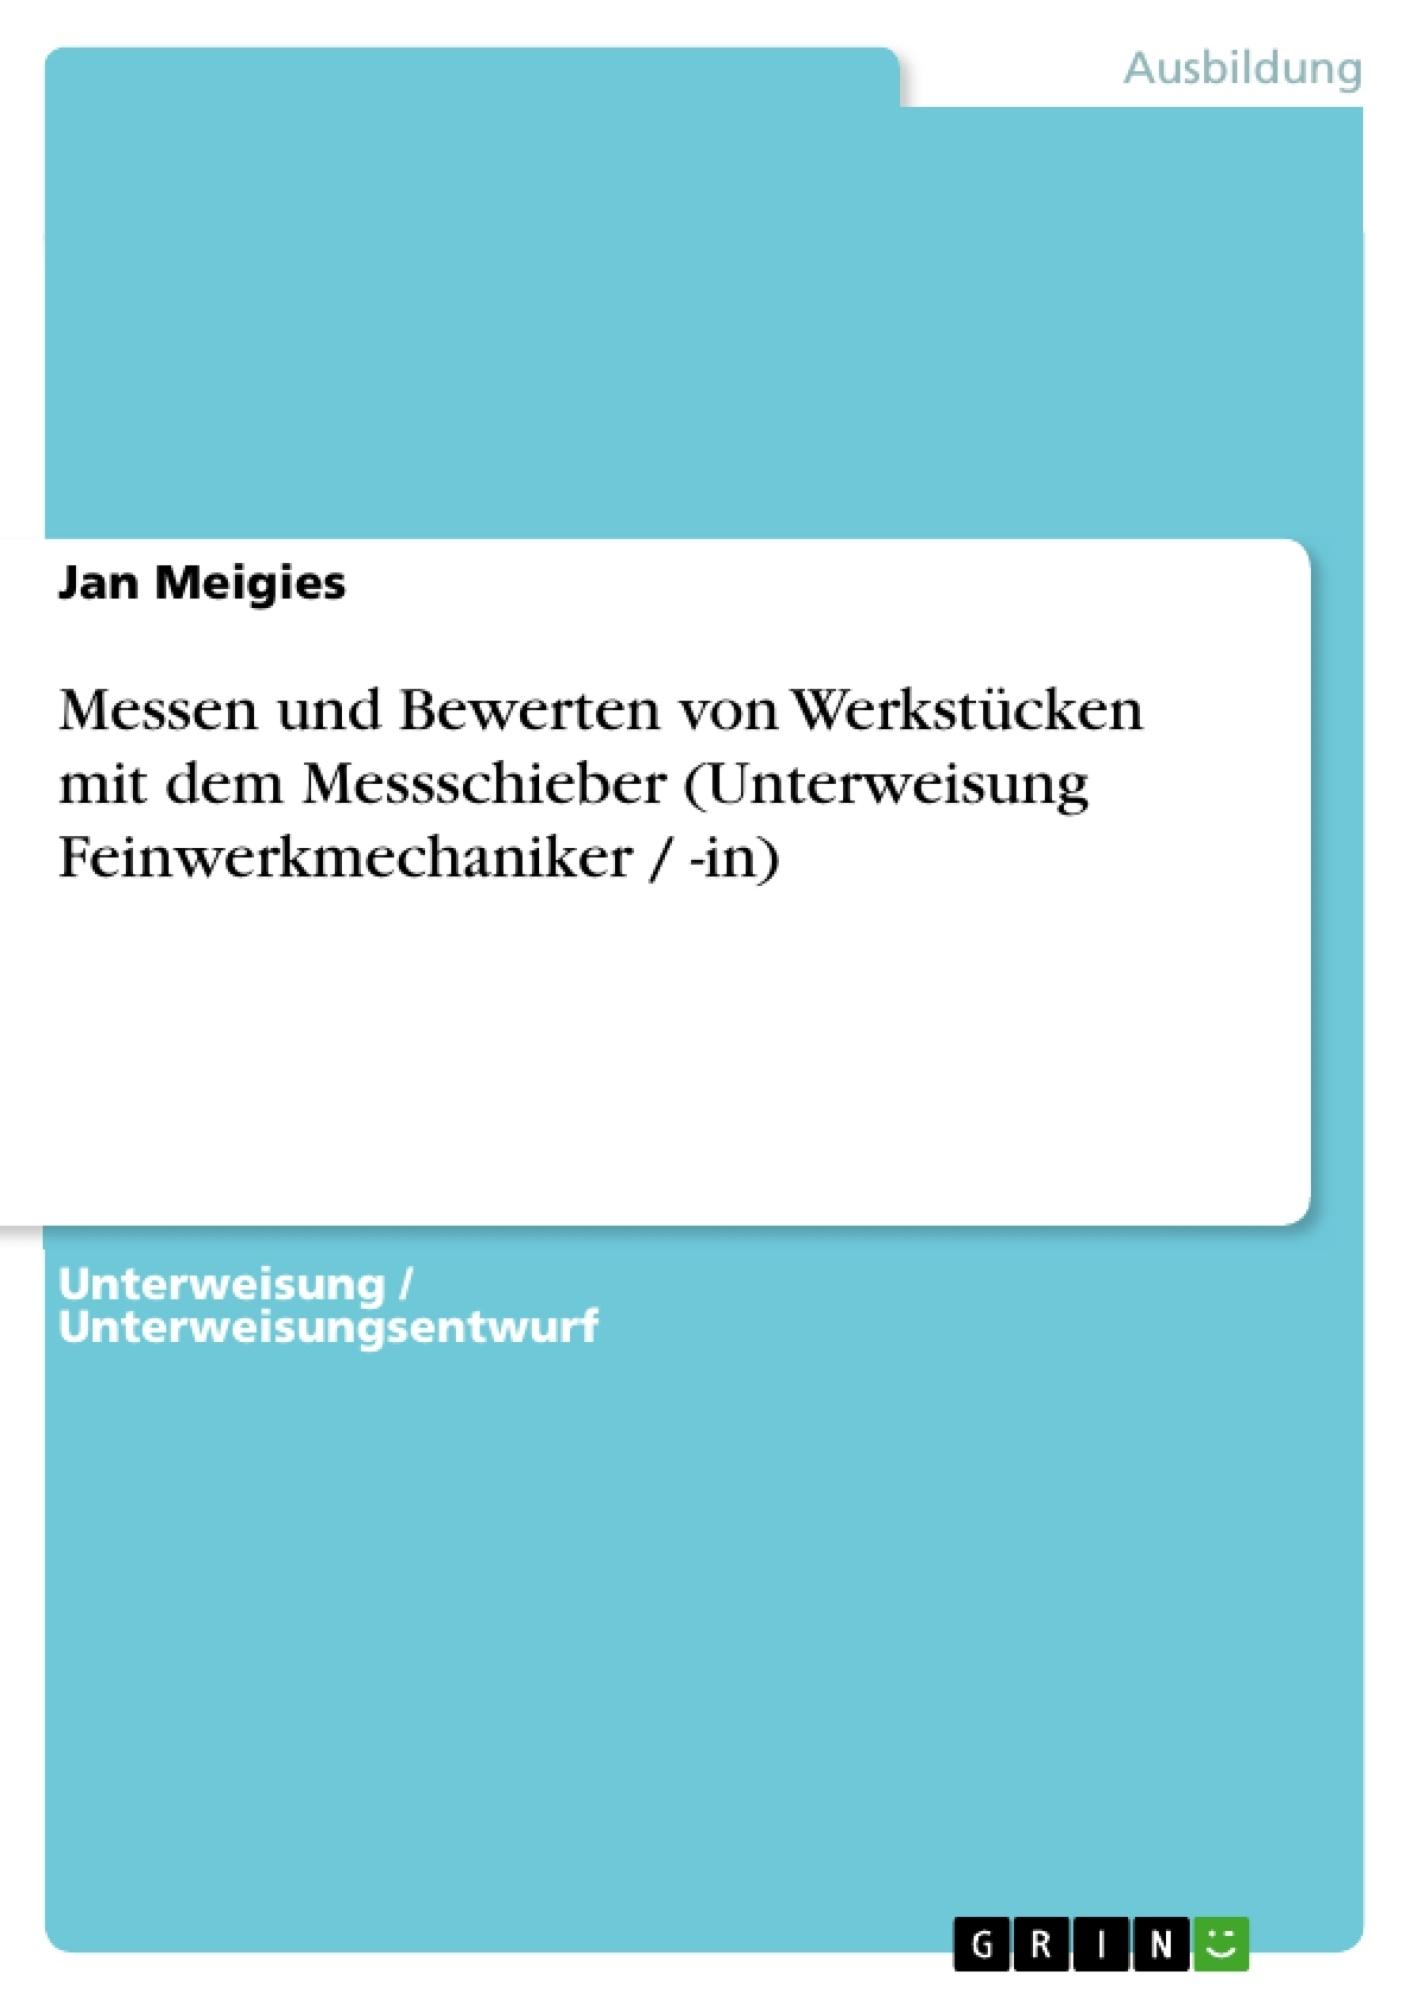 Titel: Messen und Bewerten von Werkstücken mit dem Messschieber (Unterweisung Feinwerkmechaniker / -in)